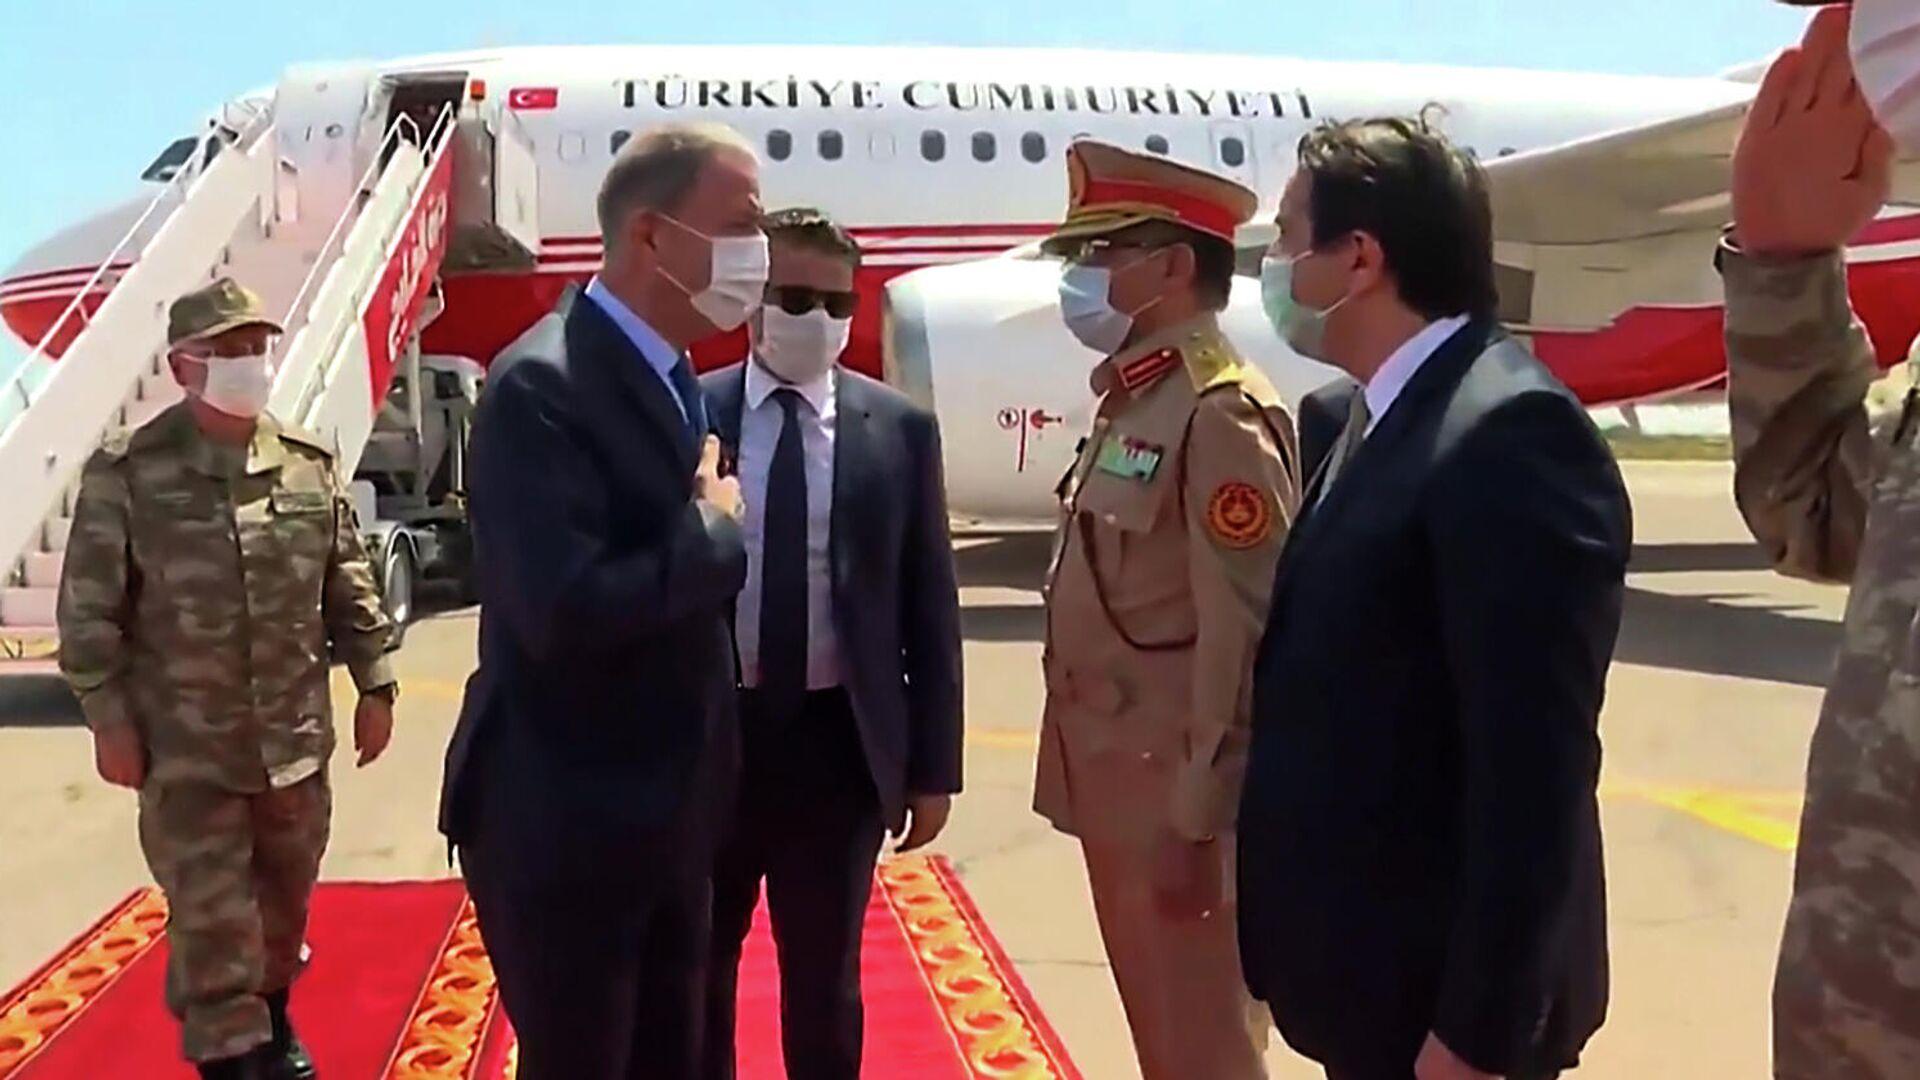 Министр обороны Турции Хулуси Акар приветствует ливийских чиновников в Триполи - РИА Новости, 1920, 24.07.2020